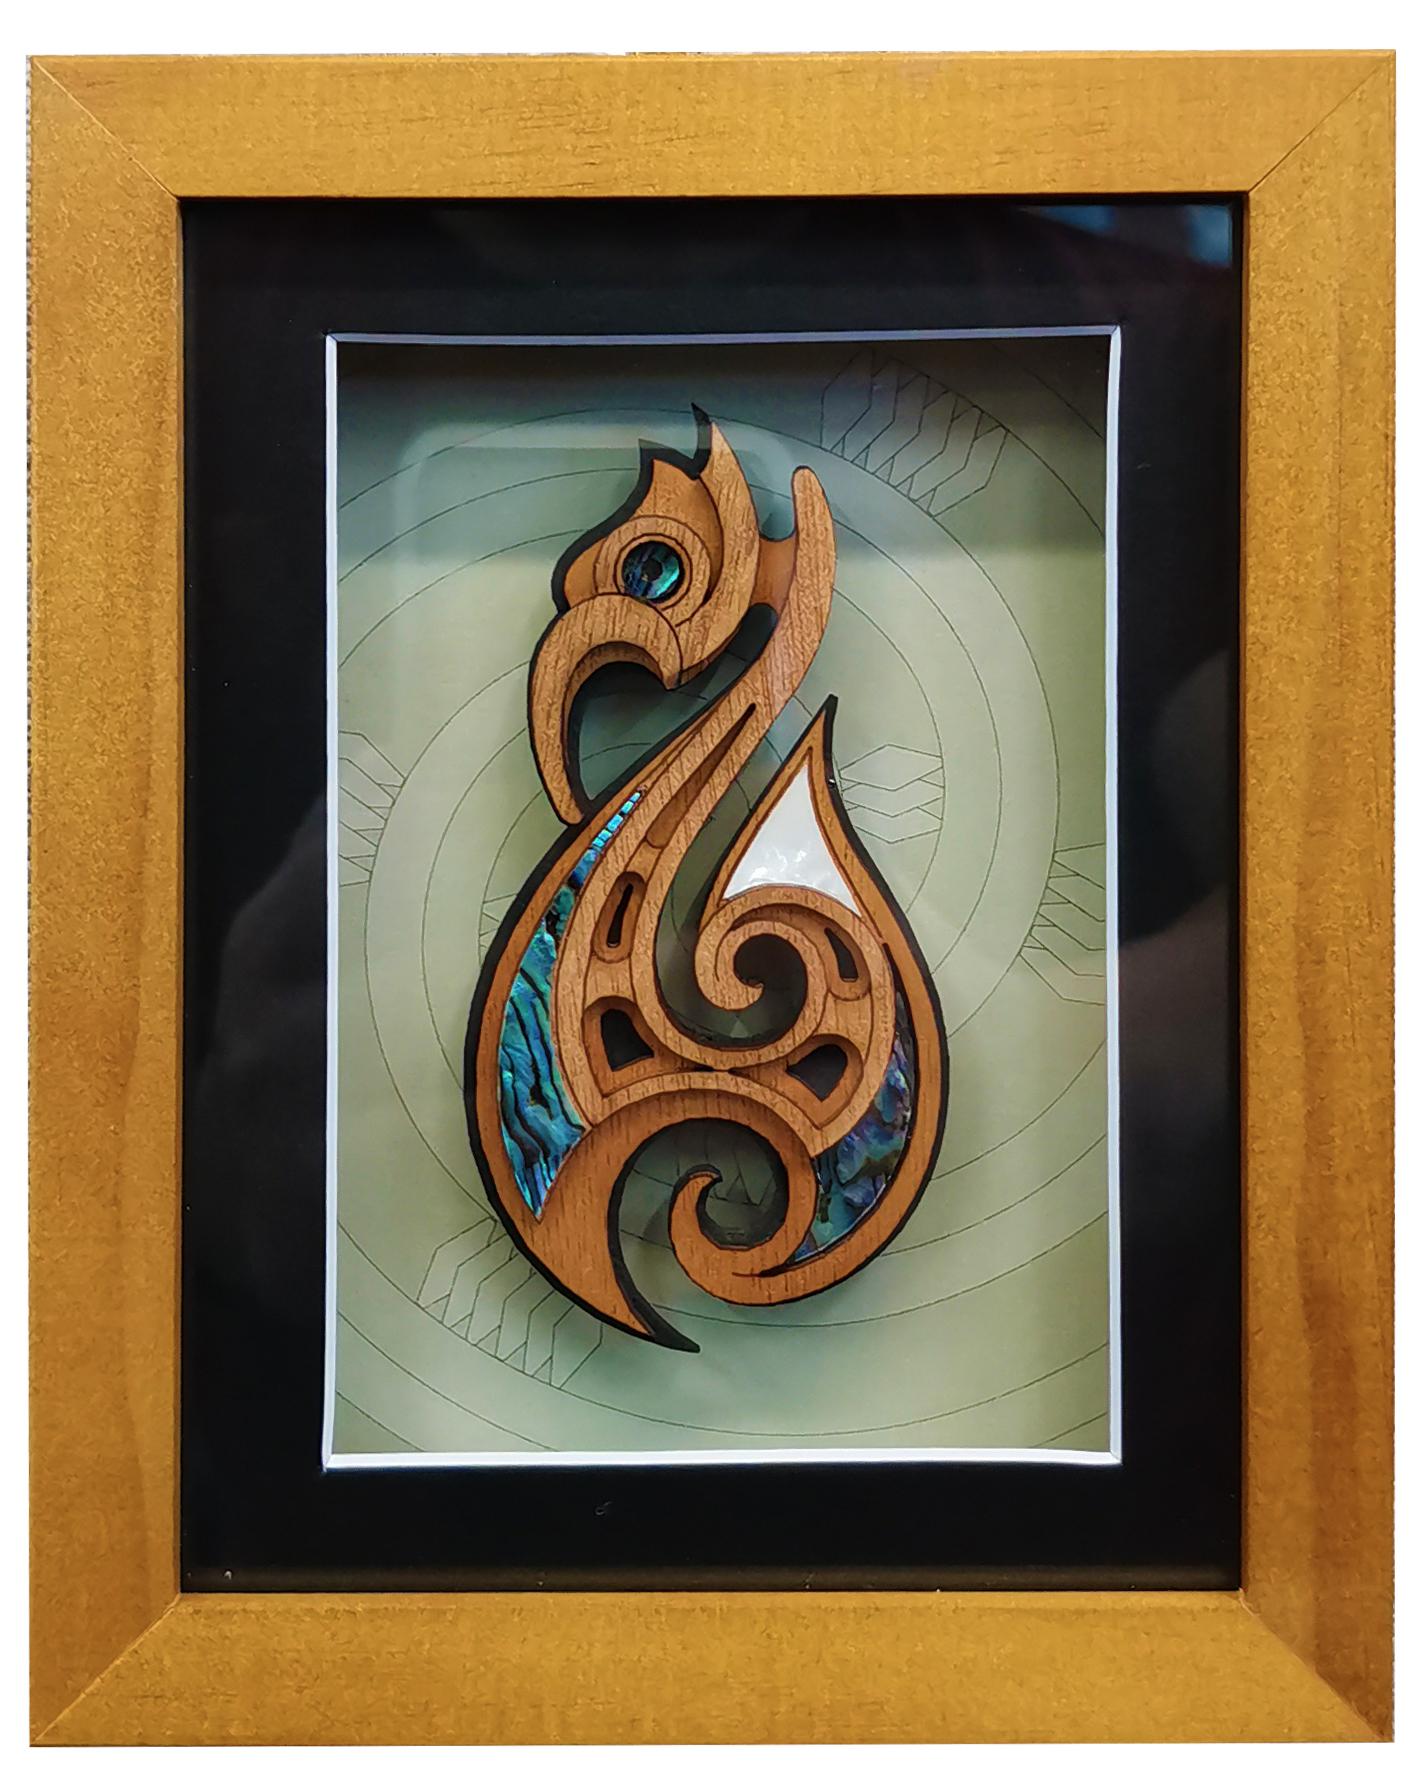 Fishhook framed art